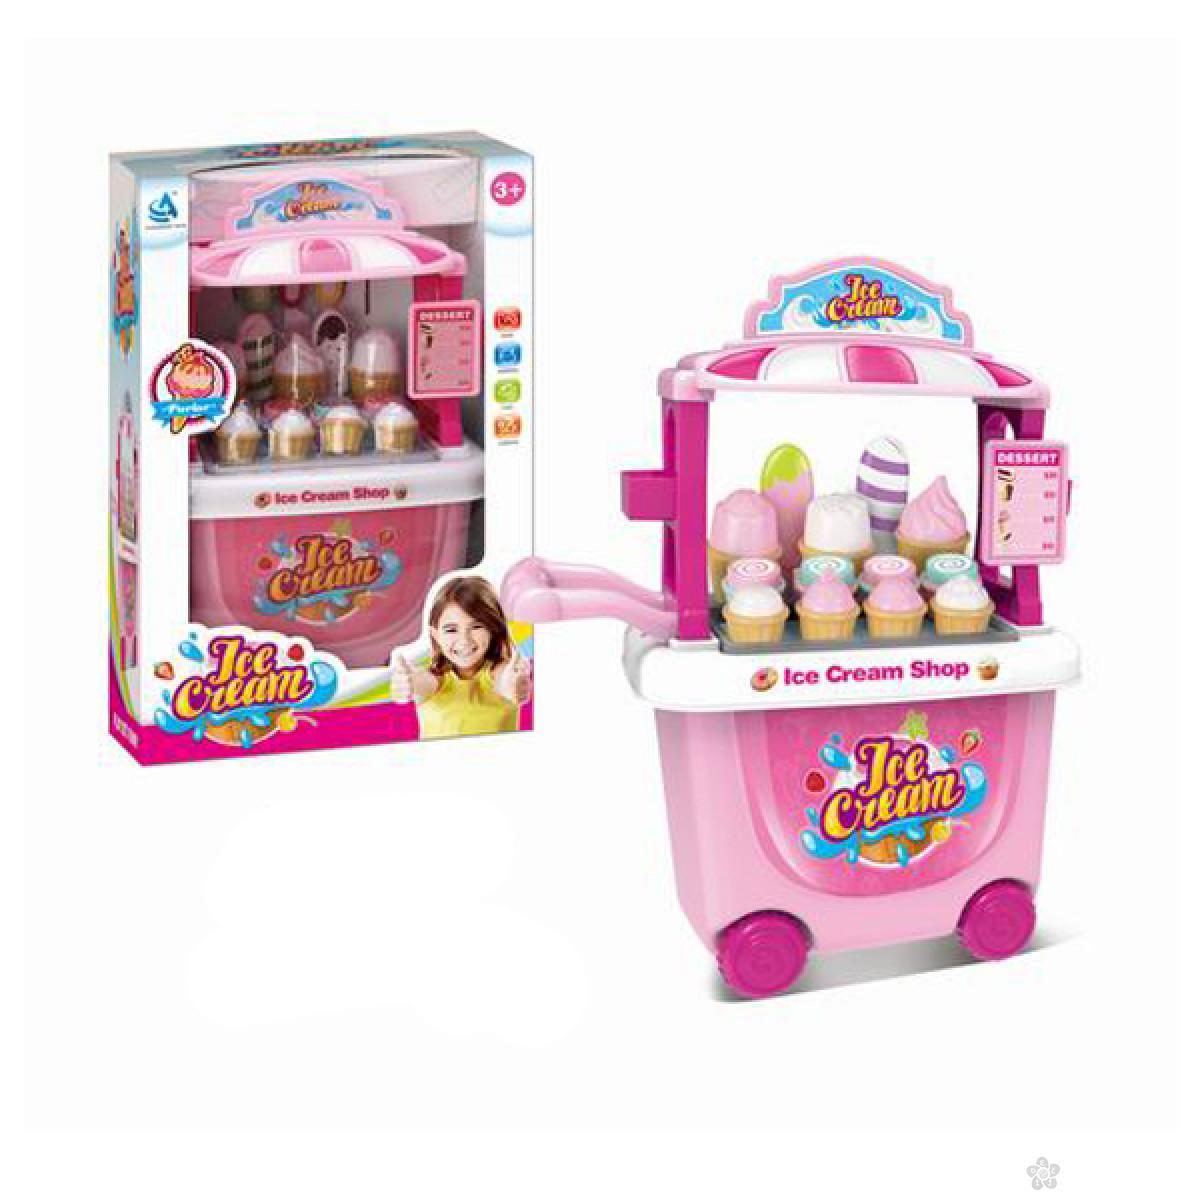 Kuhinja set - Štand za prodaju sladoleda 100152